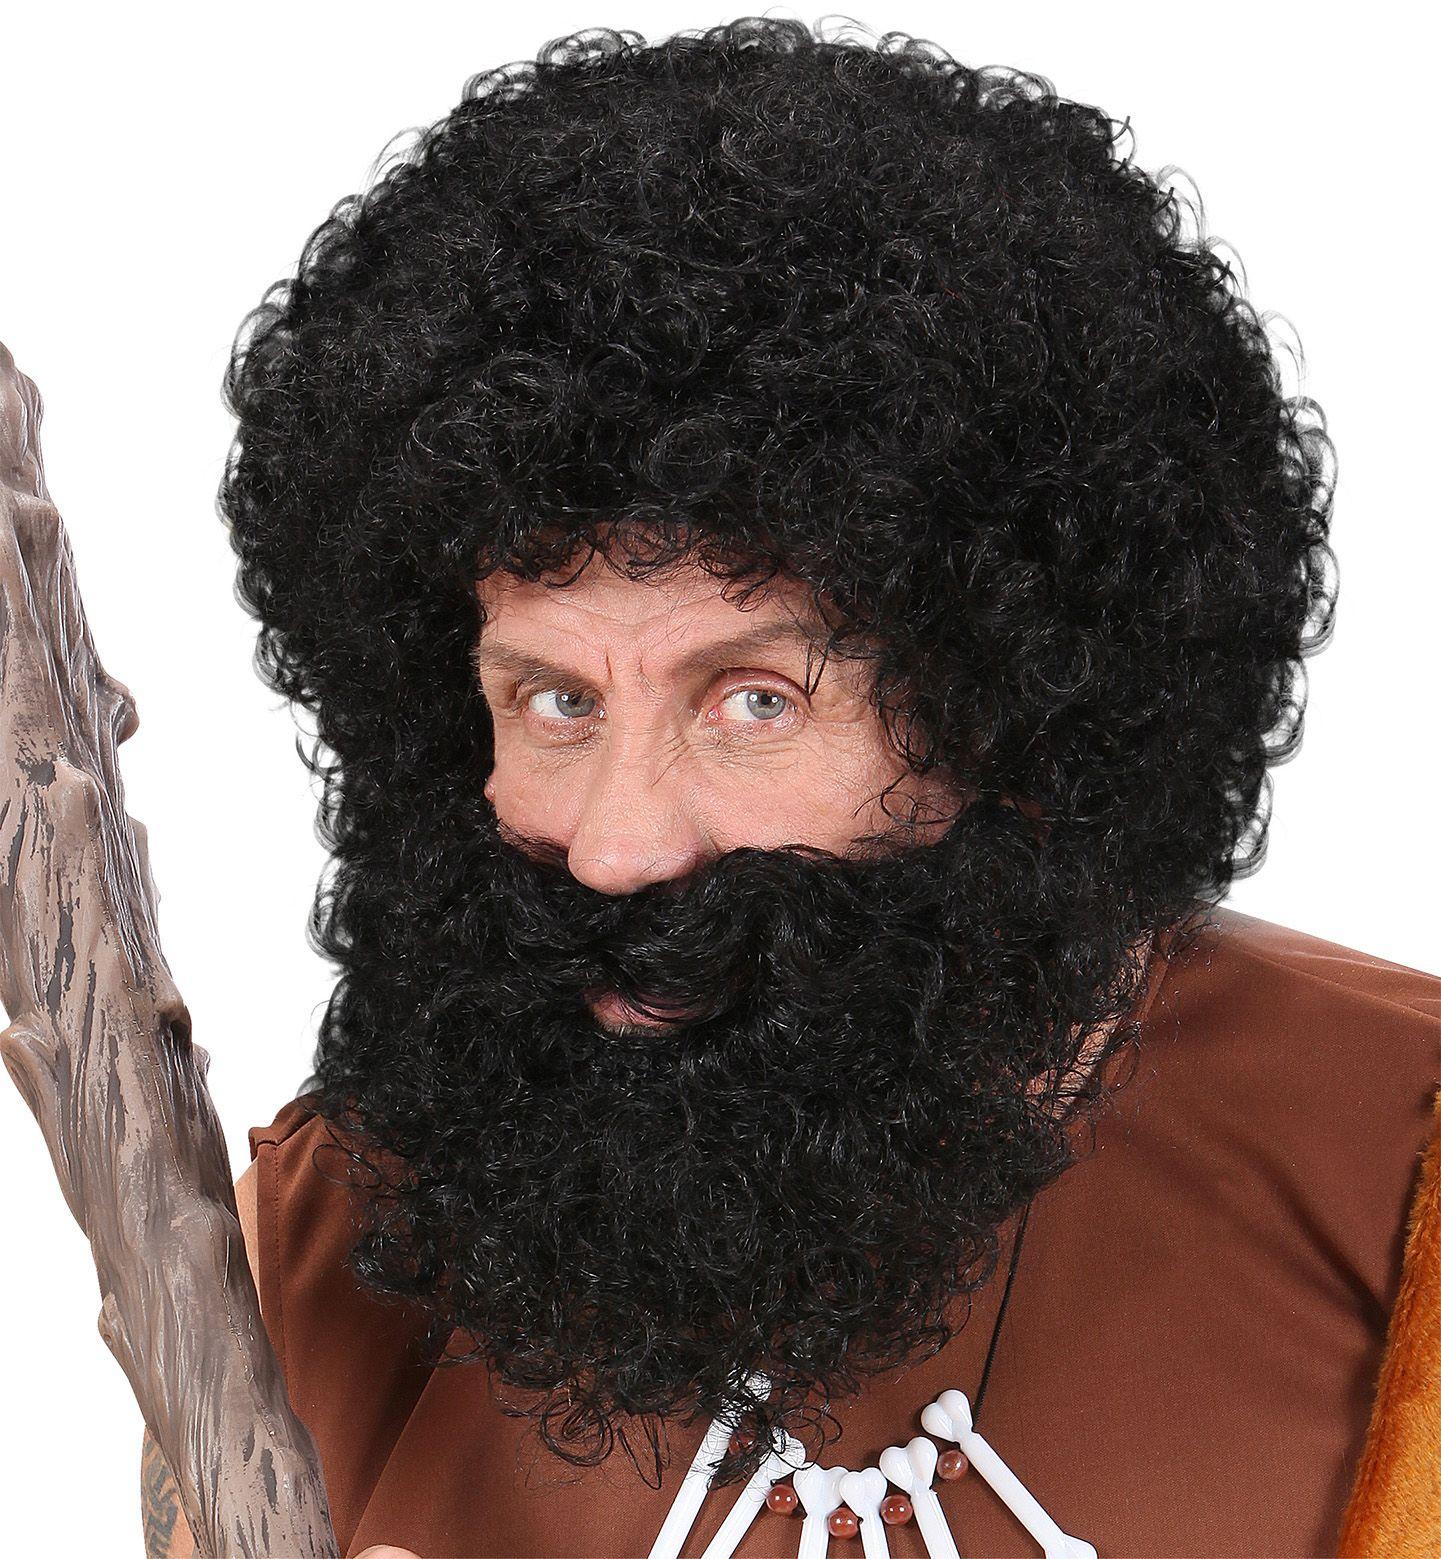 Zwarte pruik met baard en snor